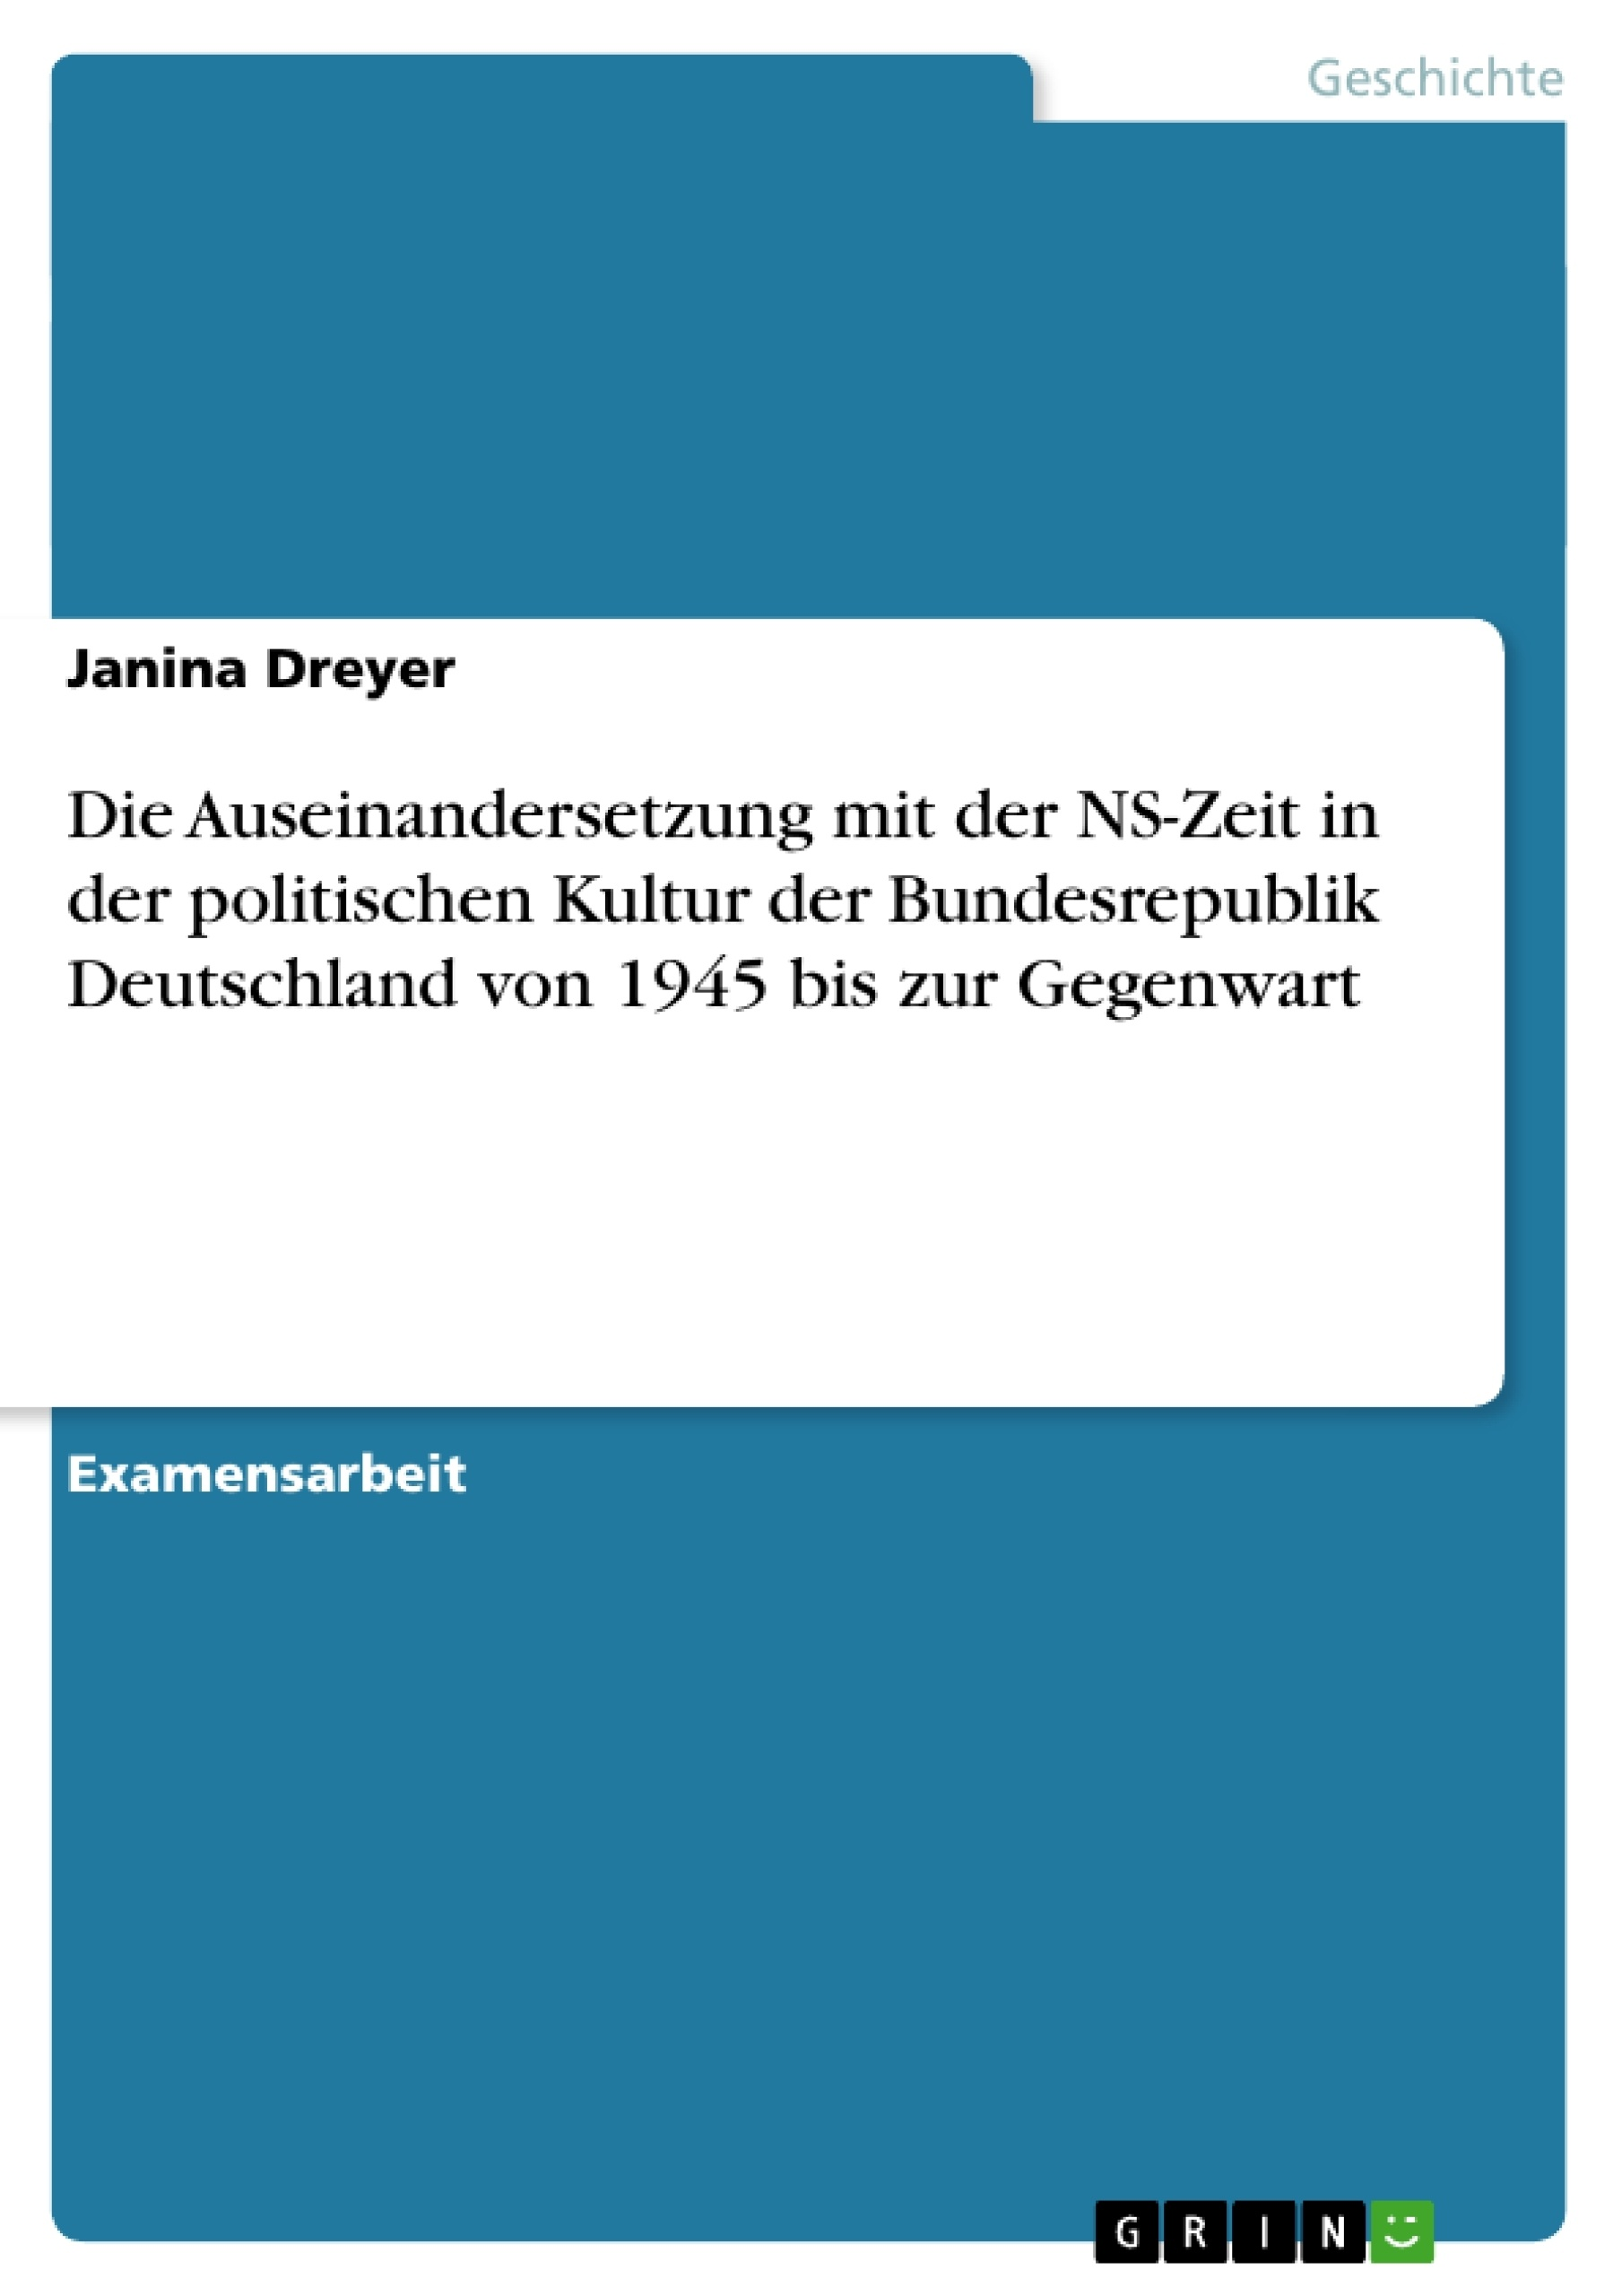 Titel: Die Auseinandersetzung mit der NS-Zeit in der politischen Kultur der Bundesrepublik Deutschland von 1945 bis zur Gegenwart